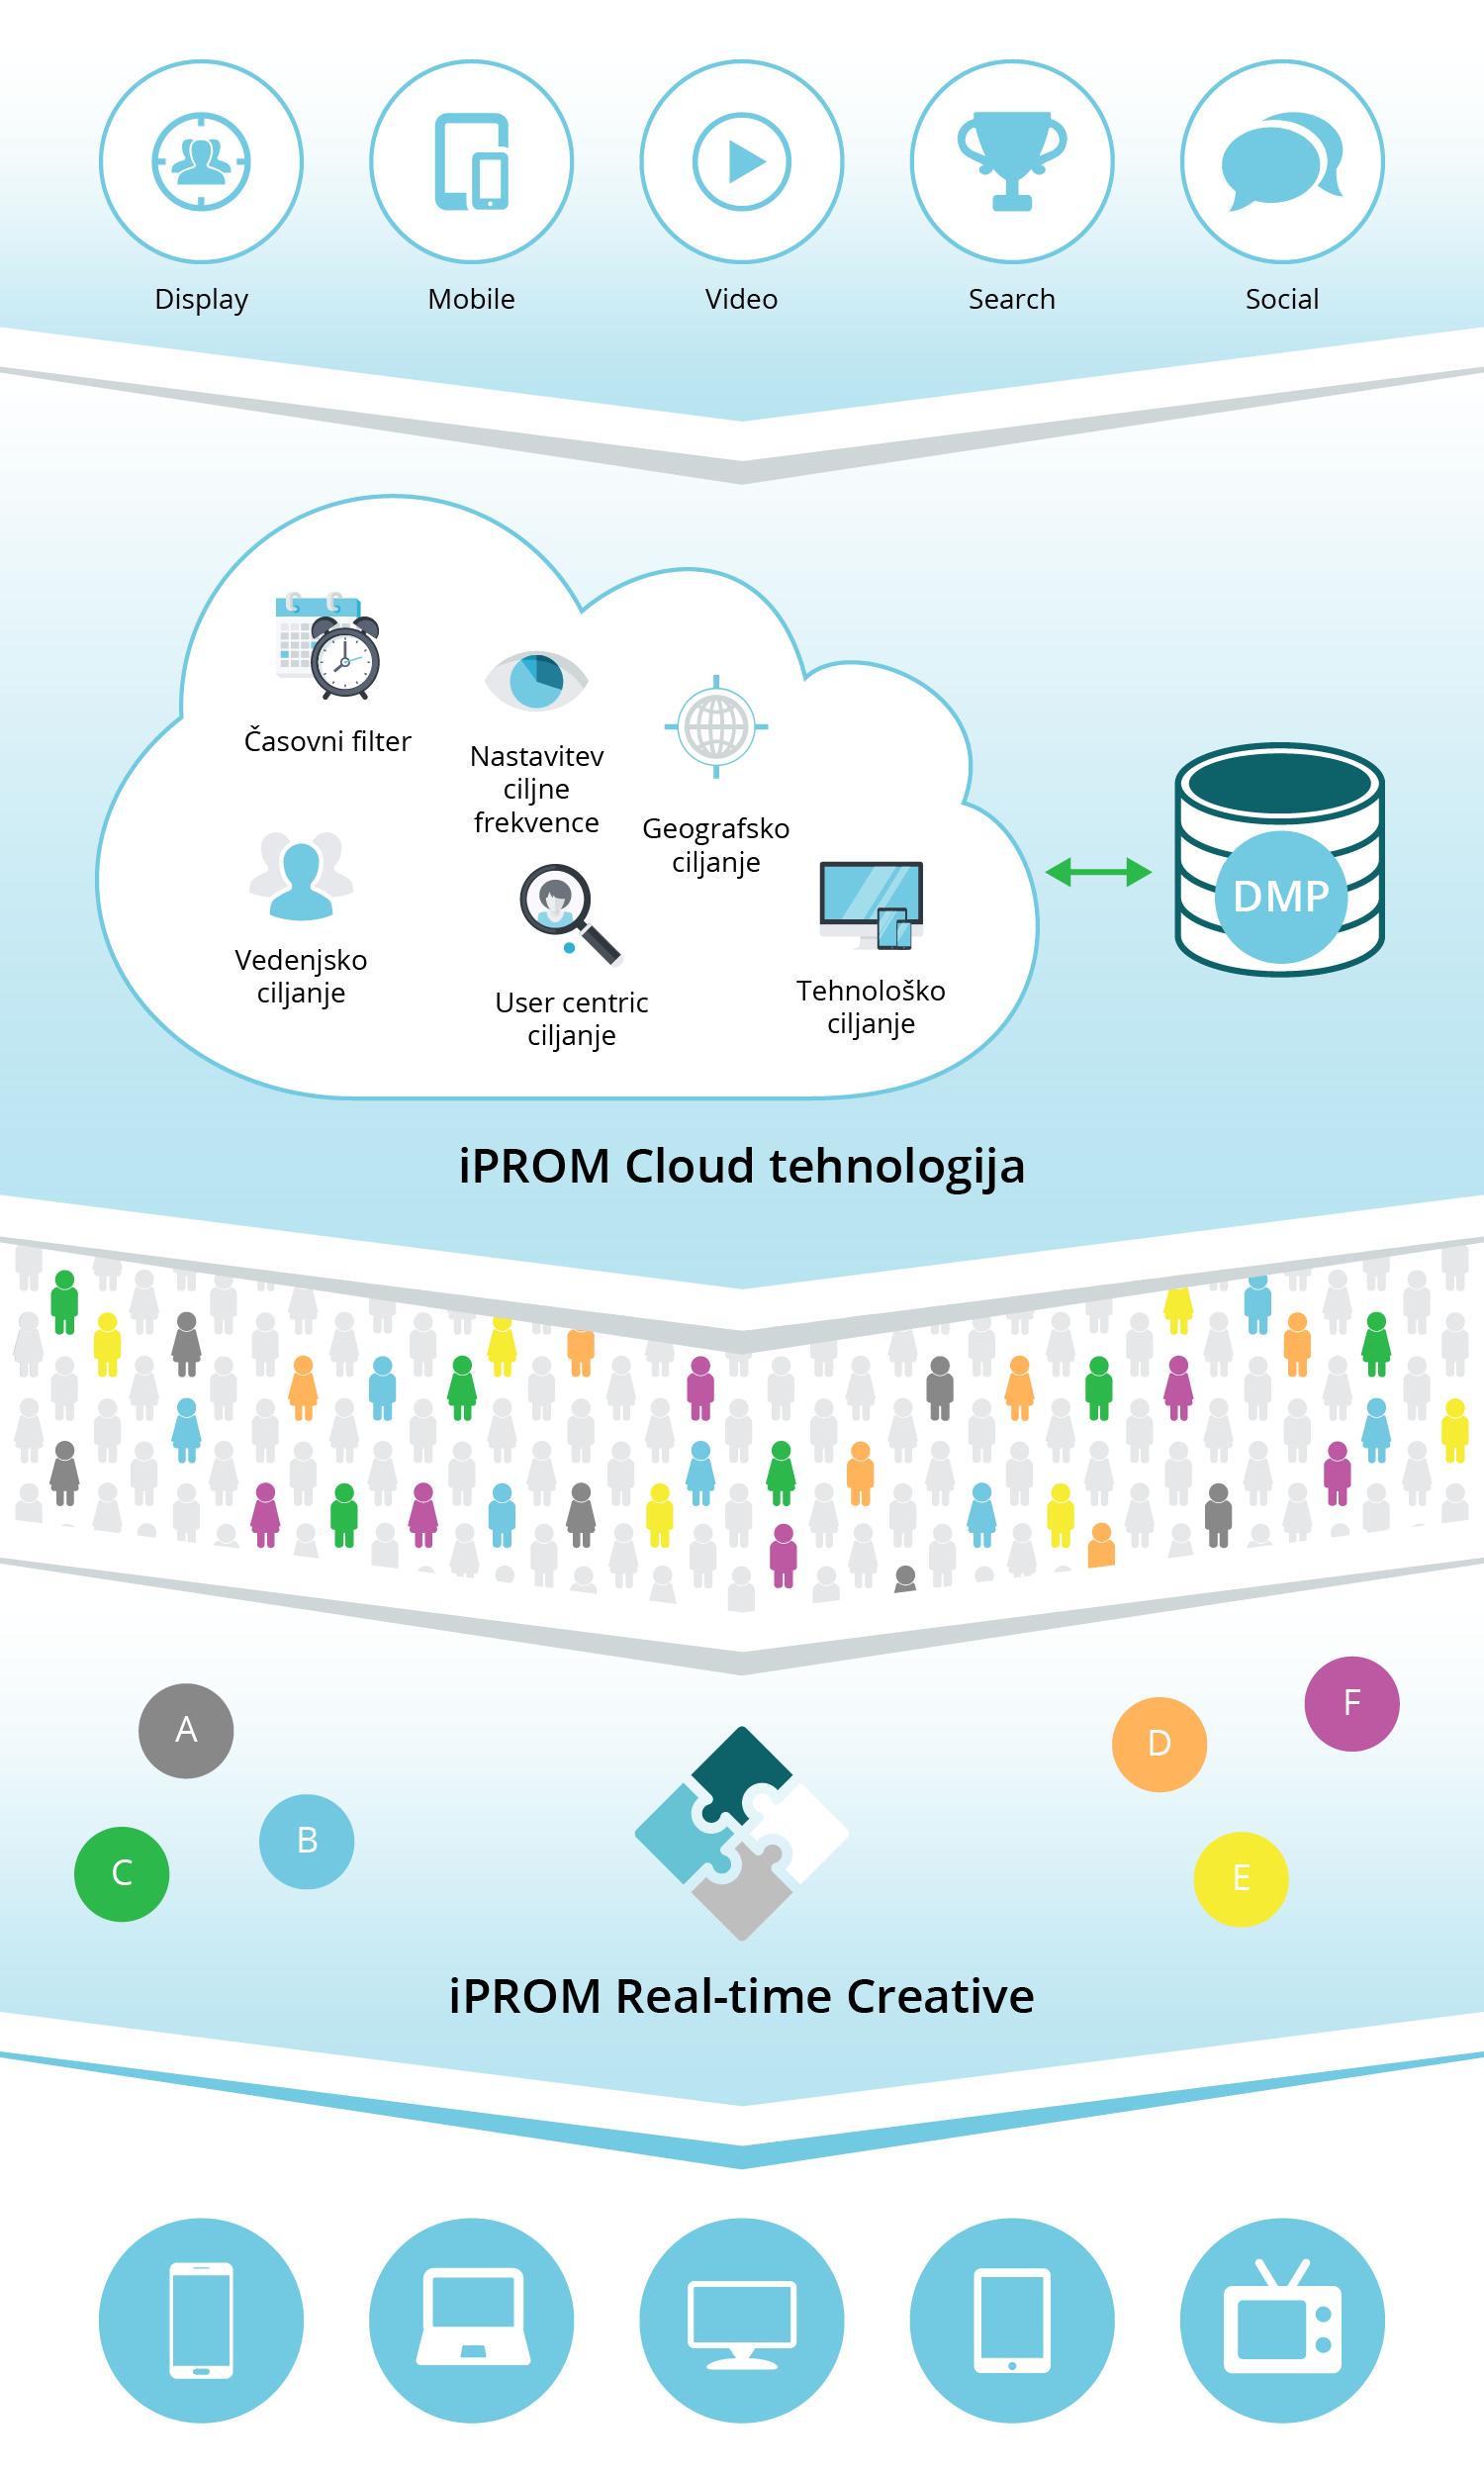 iPROM z rešitvijo iPROM Real-time Creative za nove standarde na področju ciljanja - Infografika